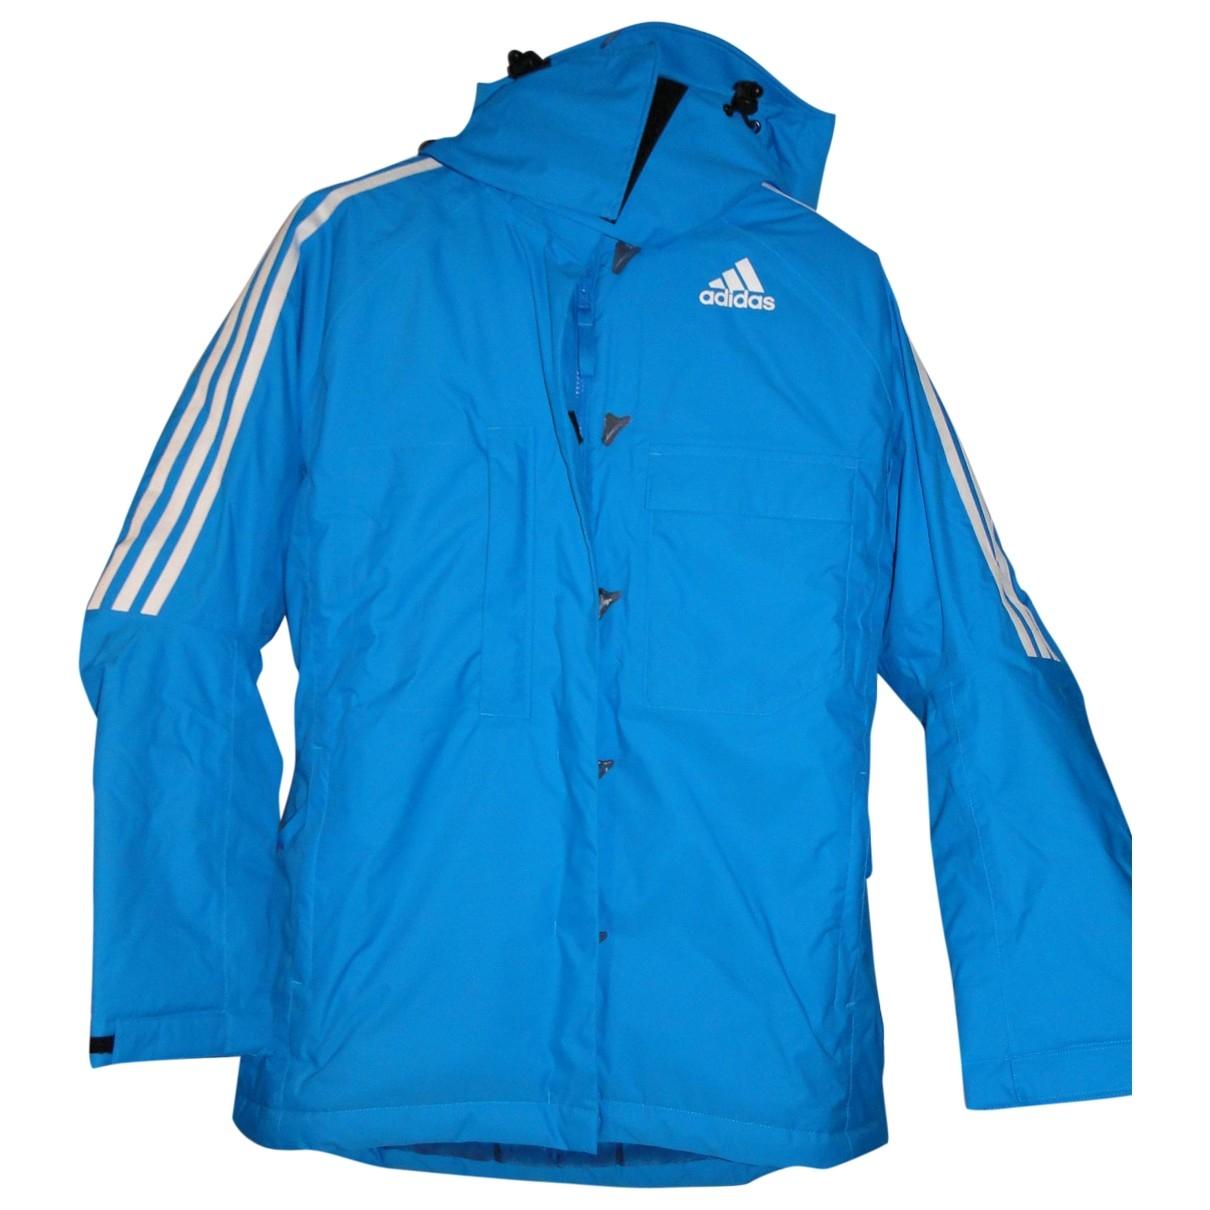 Adidas \N Blue coat for Women 40 FR